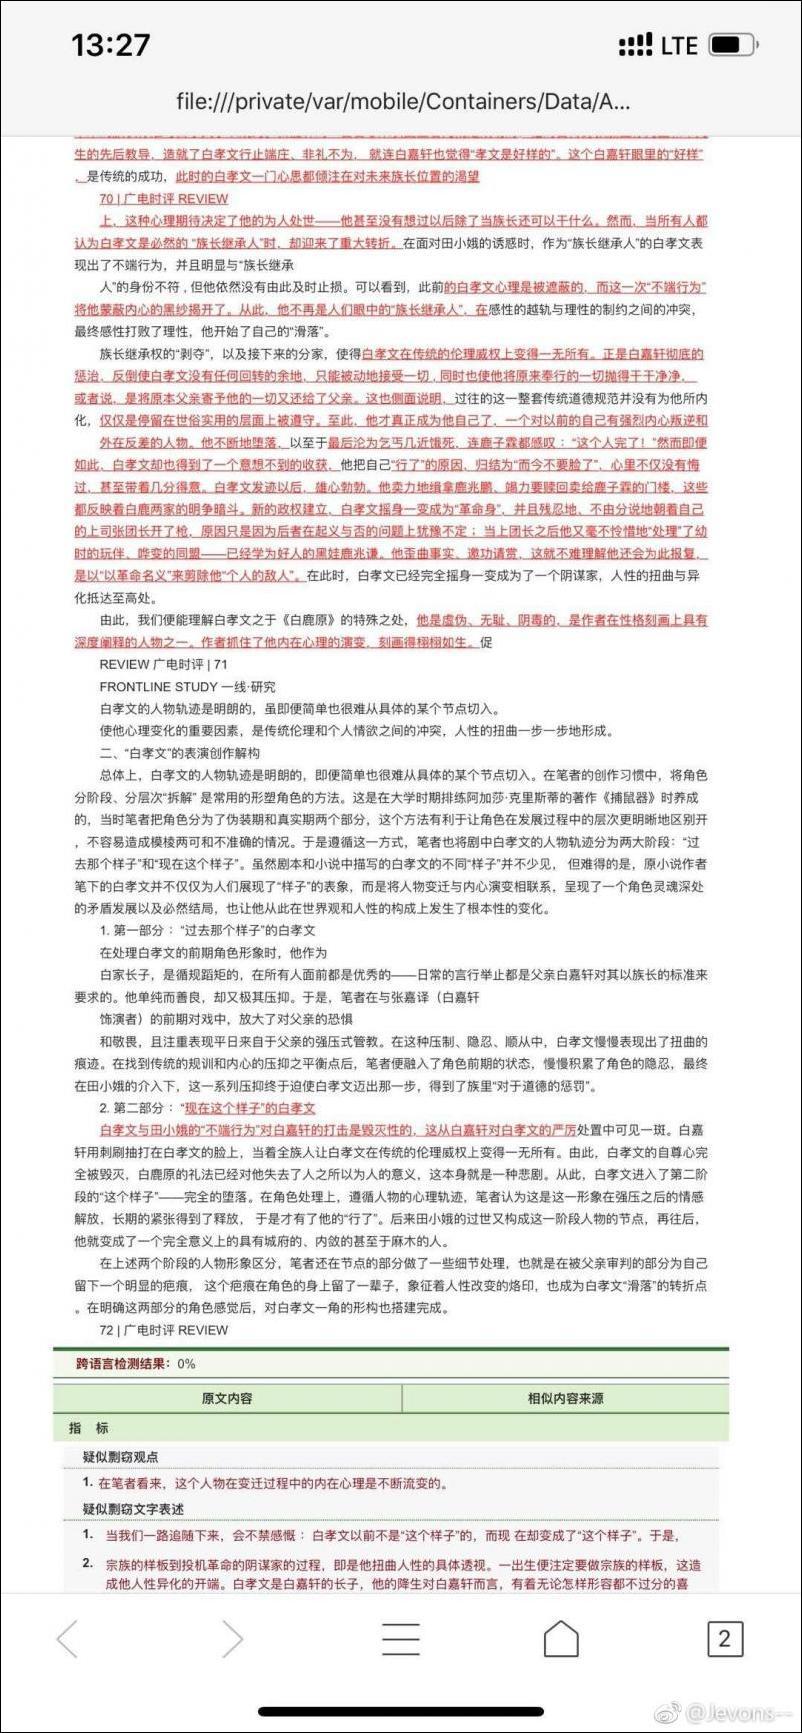 中外车手剑指宁波 CTCC携WTCR顶级赛事擎归中国 招股书深度解读:7个要点看懂比特大陆